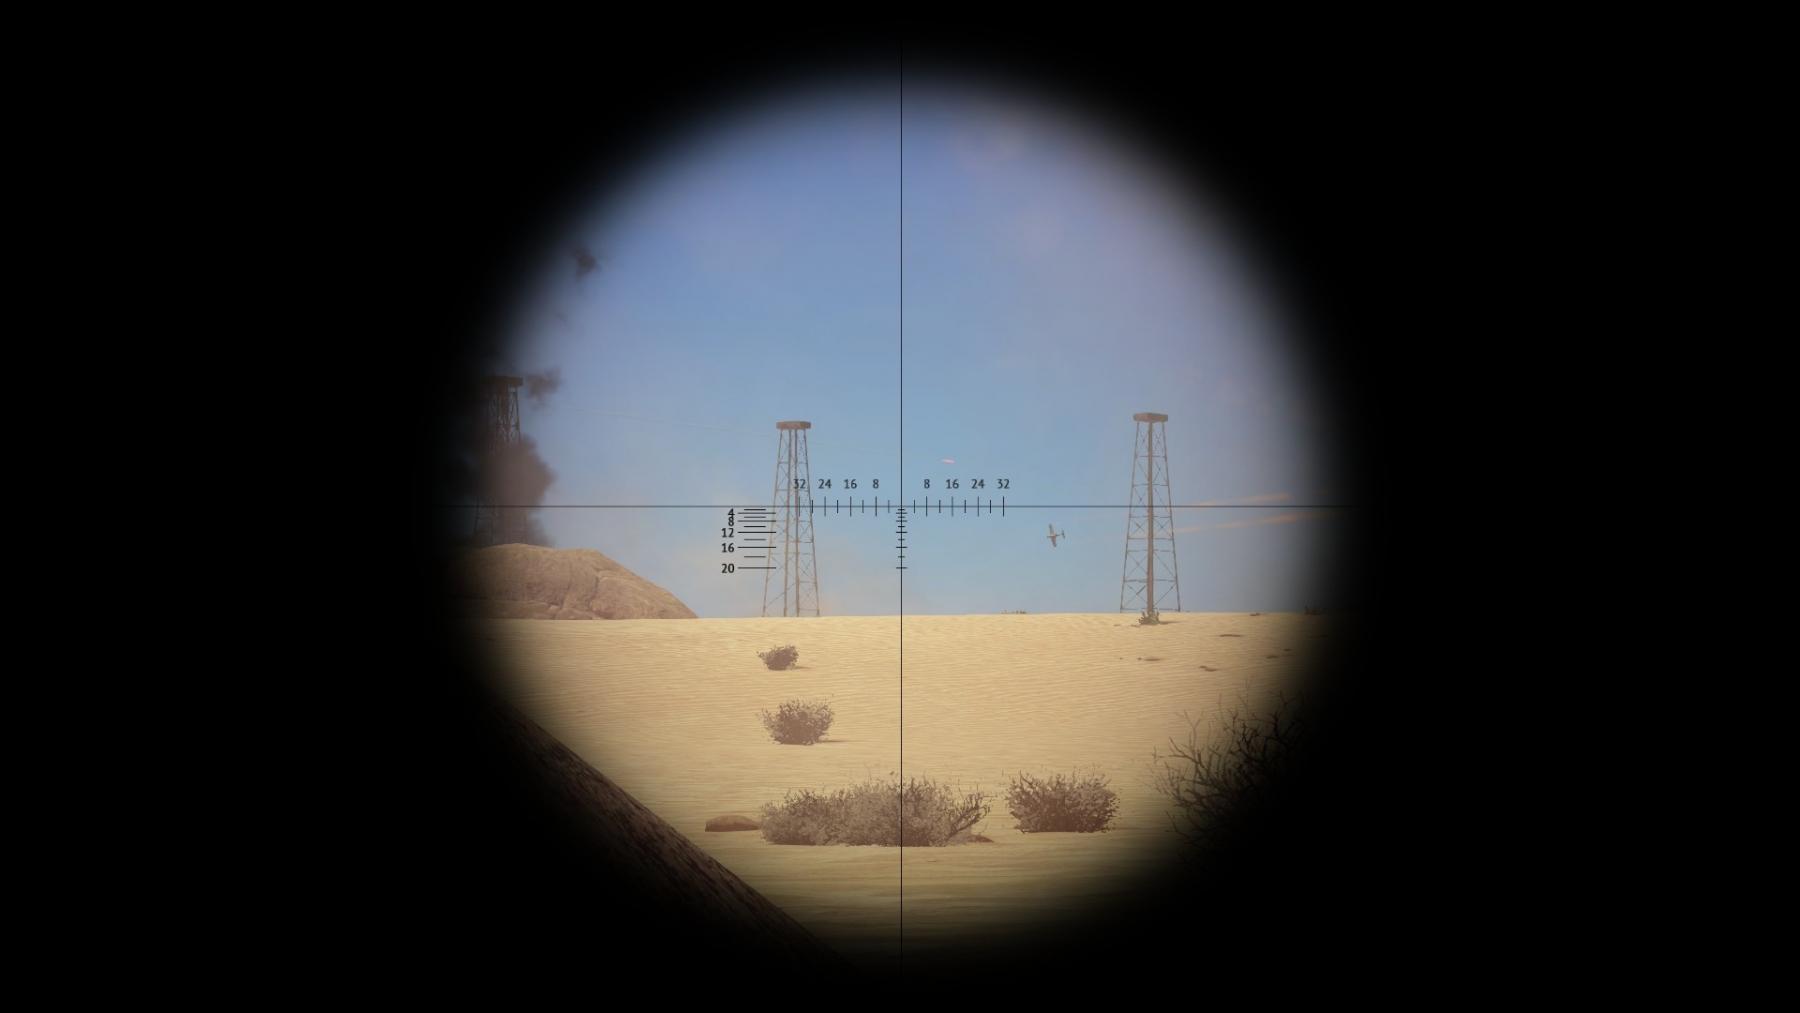 shot-2019.05.07-10.25.46